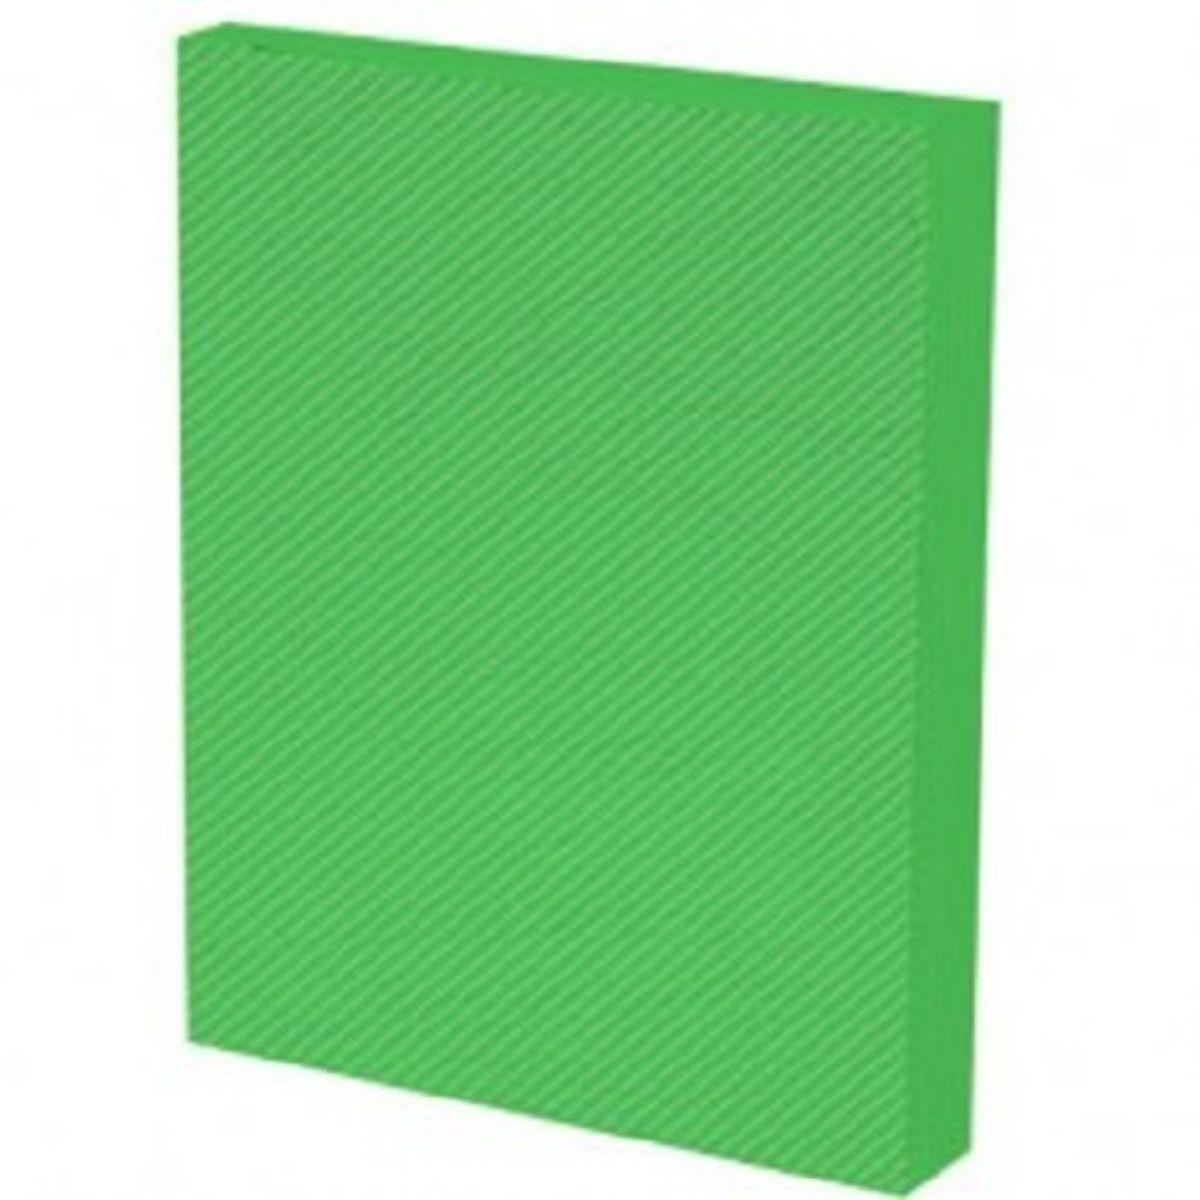 Capa para Encadernação PP 0,30mm A4 Verde Line (Frente) - Pacote com 100 unidades  - Click Suprimentos